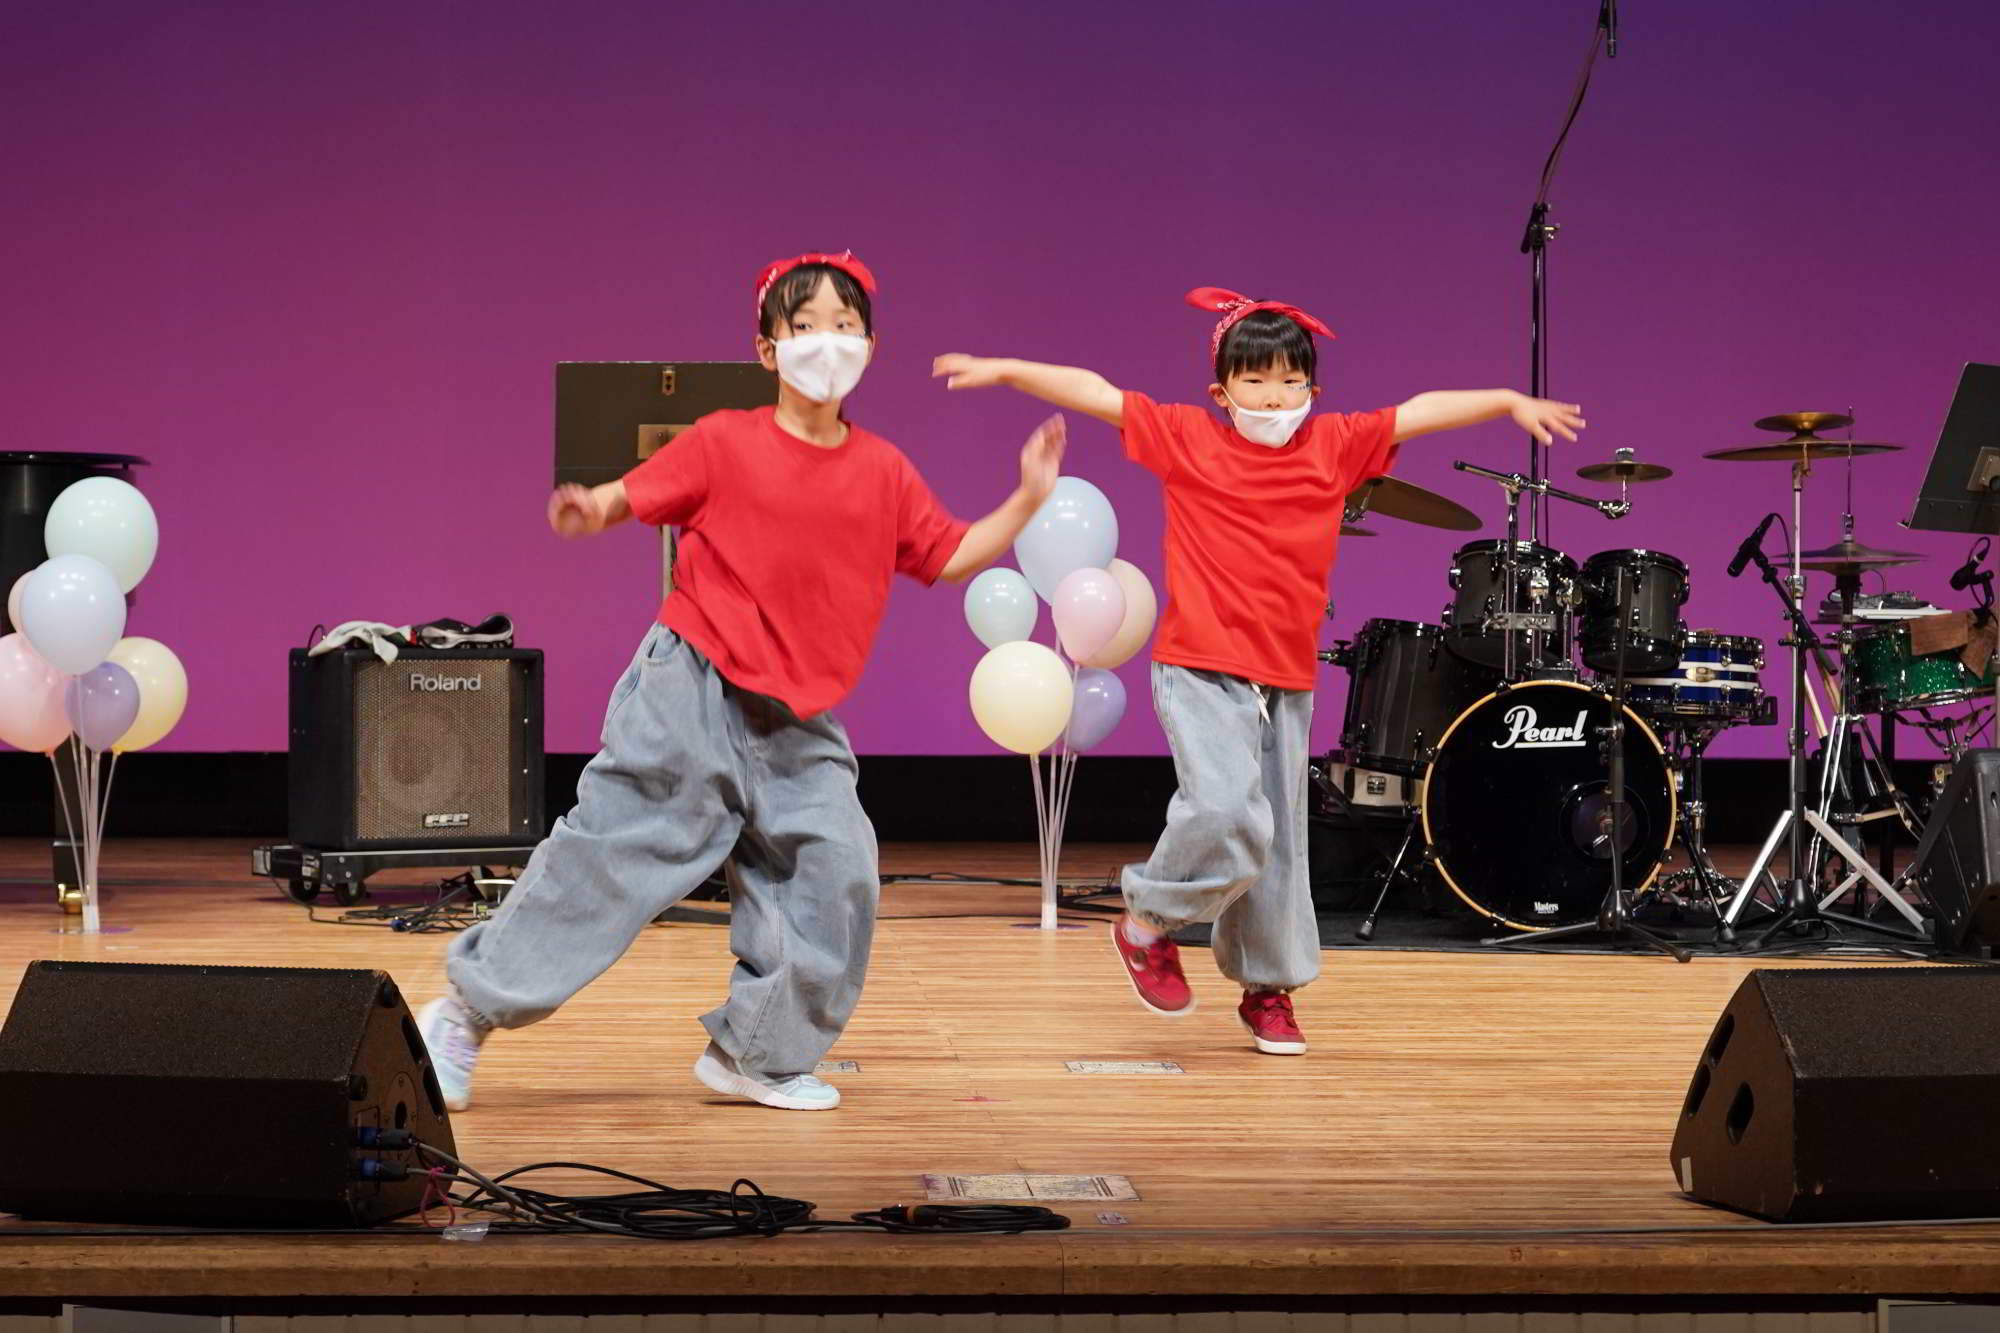 Fucciミュージックスクール発表会ダンスコース小学1年生